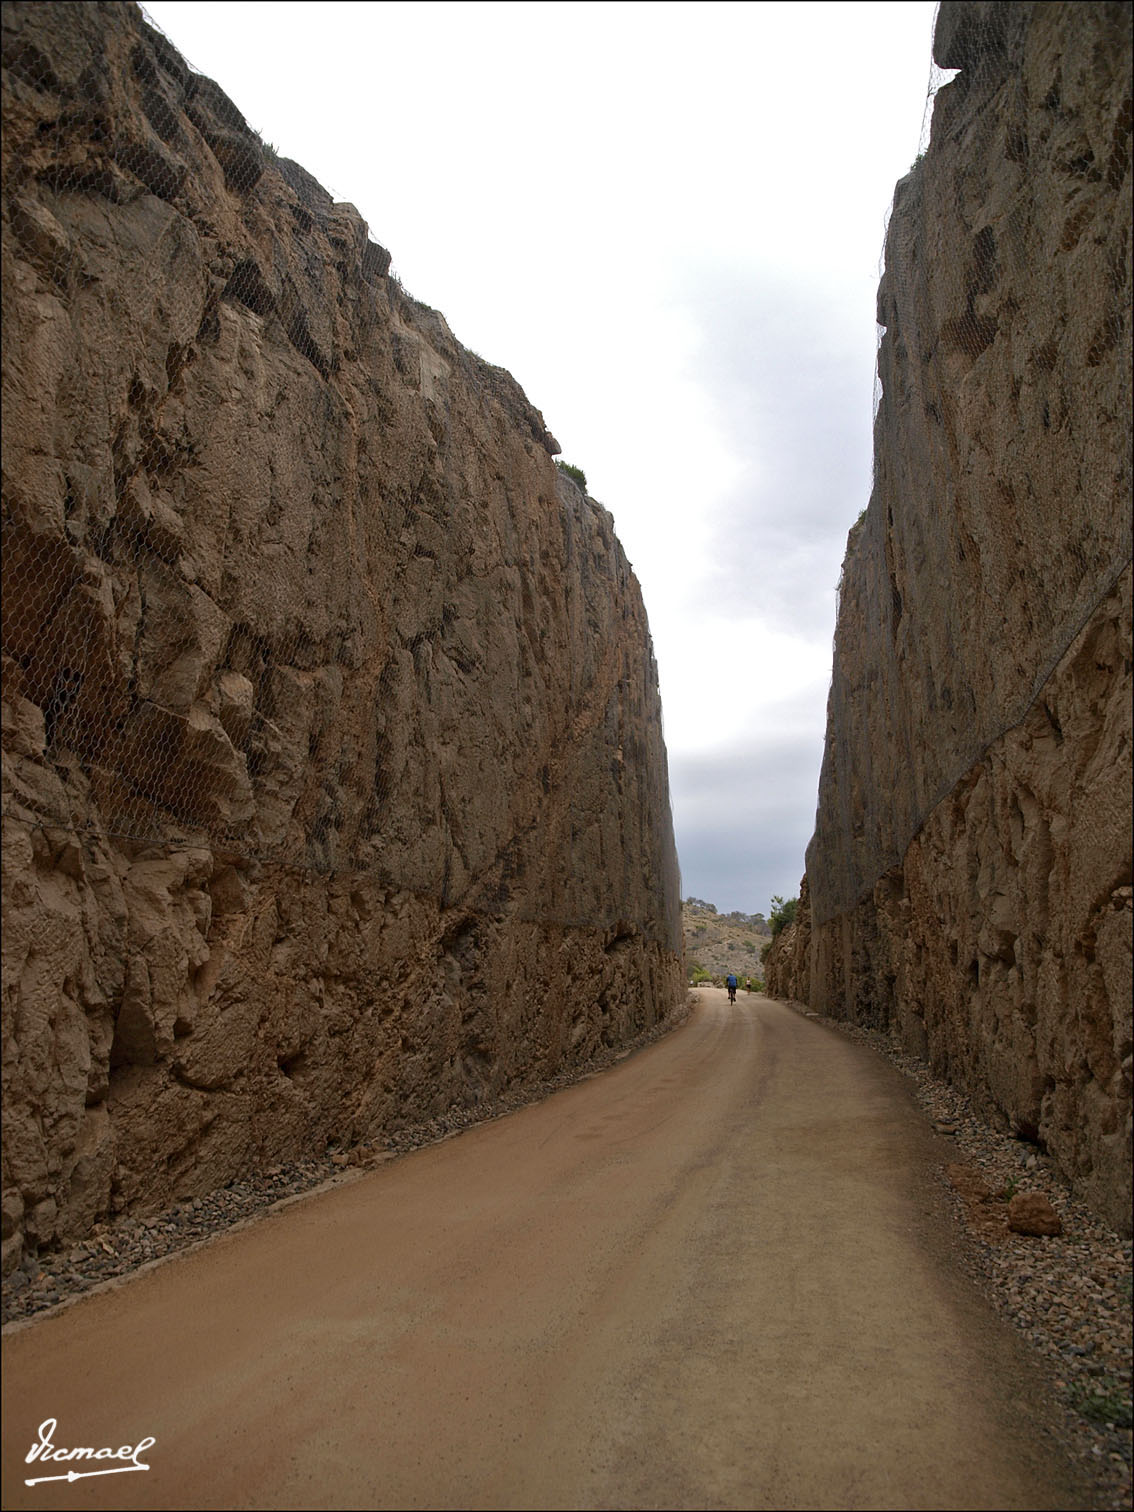 Foto playa Renega. 090905-54 CAMINO VERDE OROPESA-BENICASIN